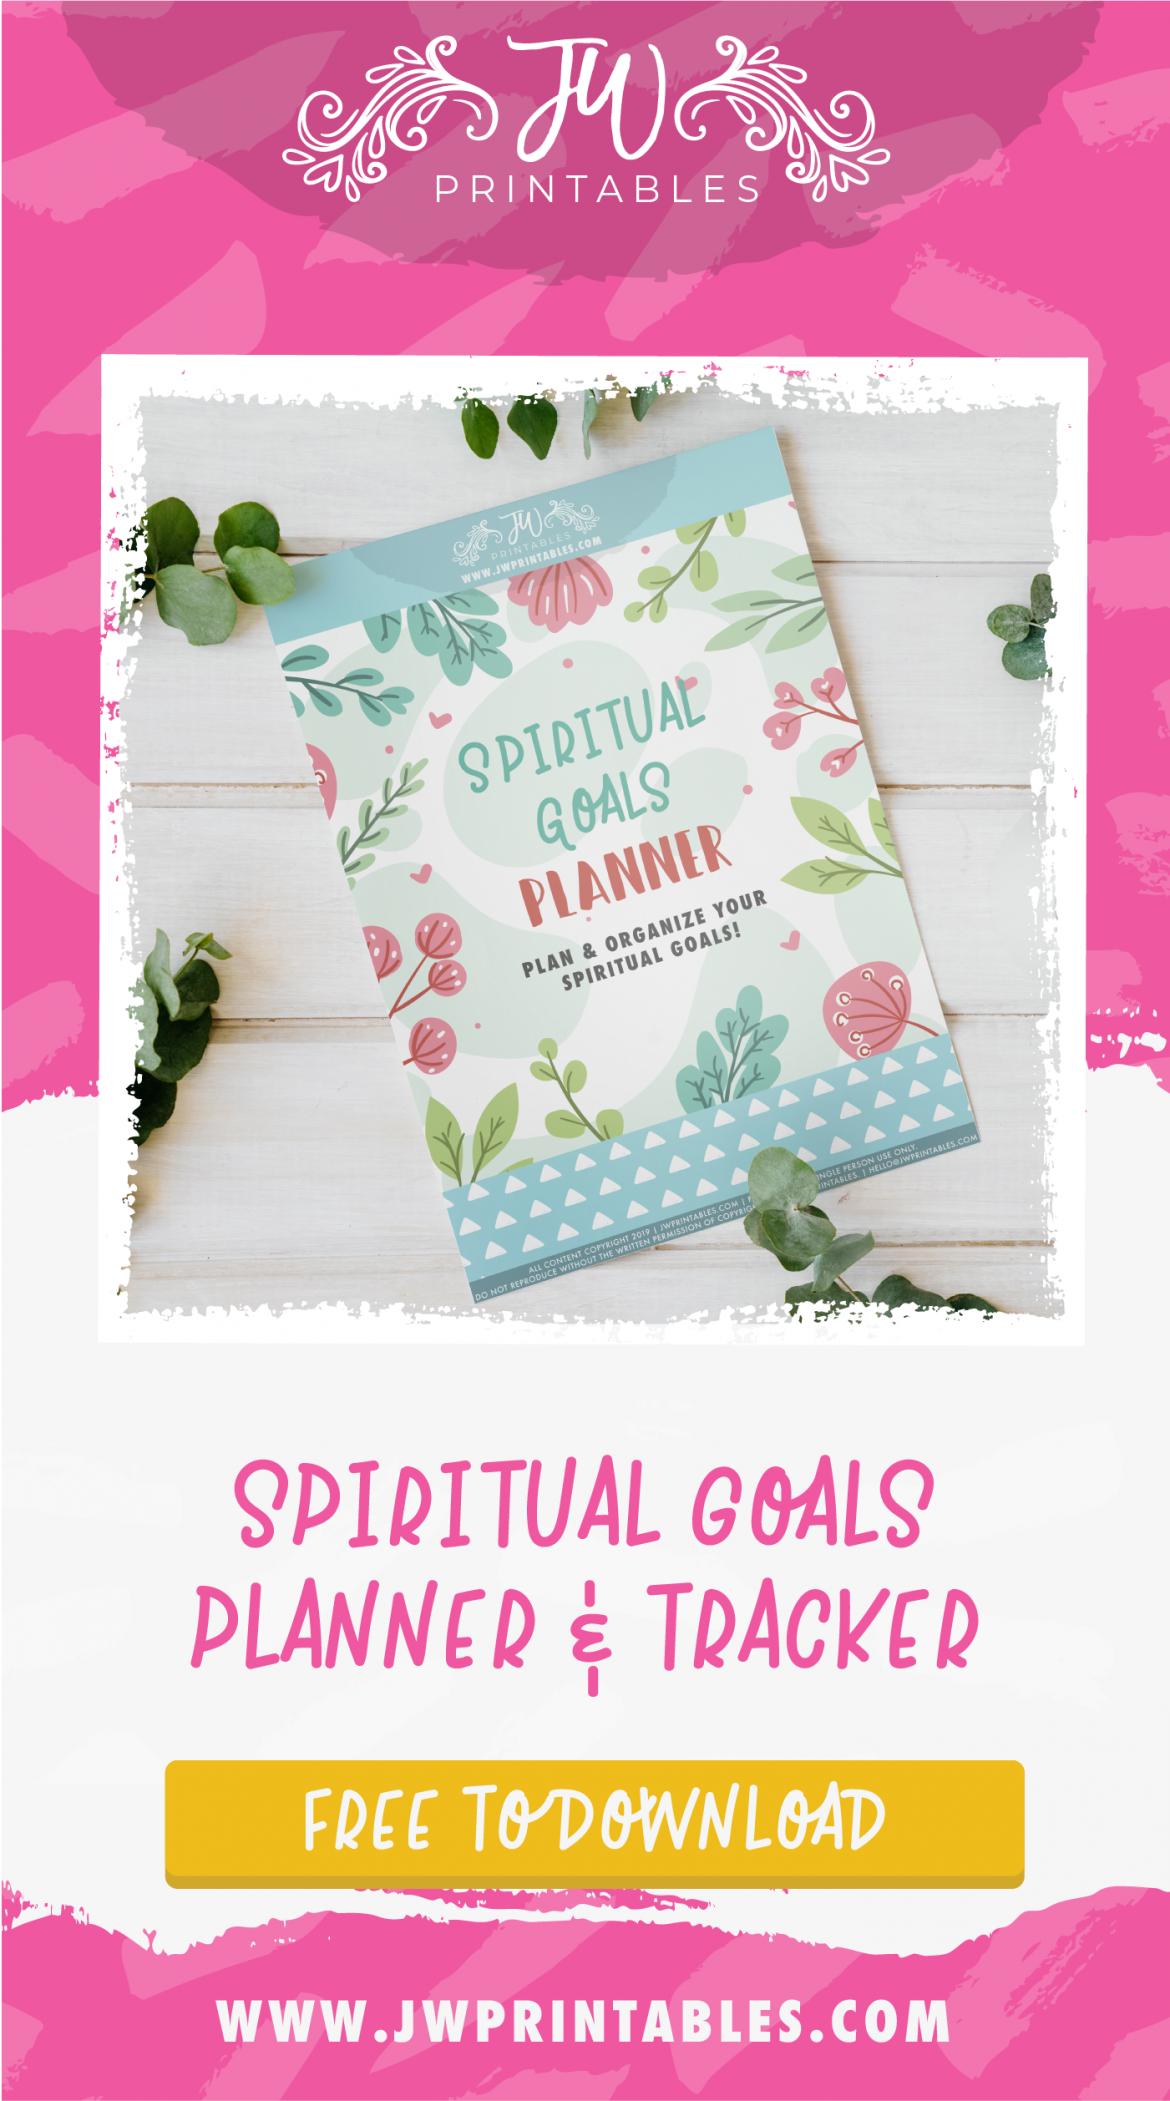 Spiritual Goals Planner